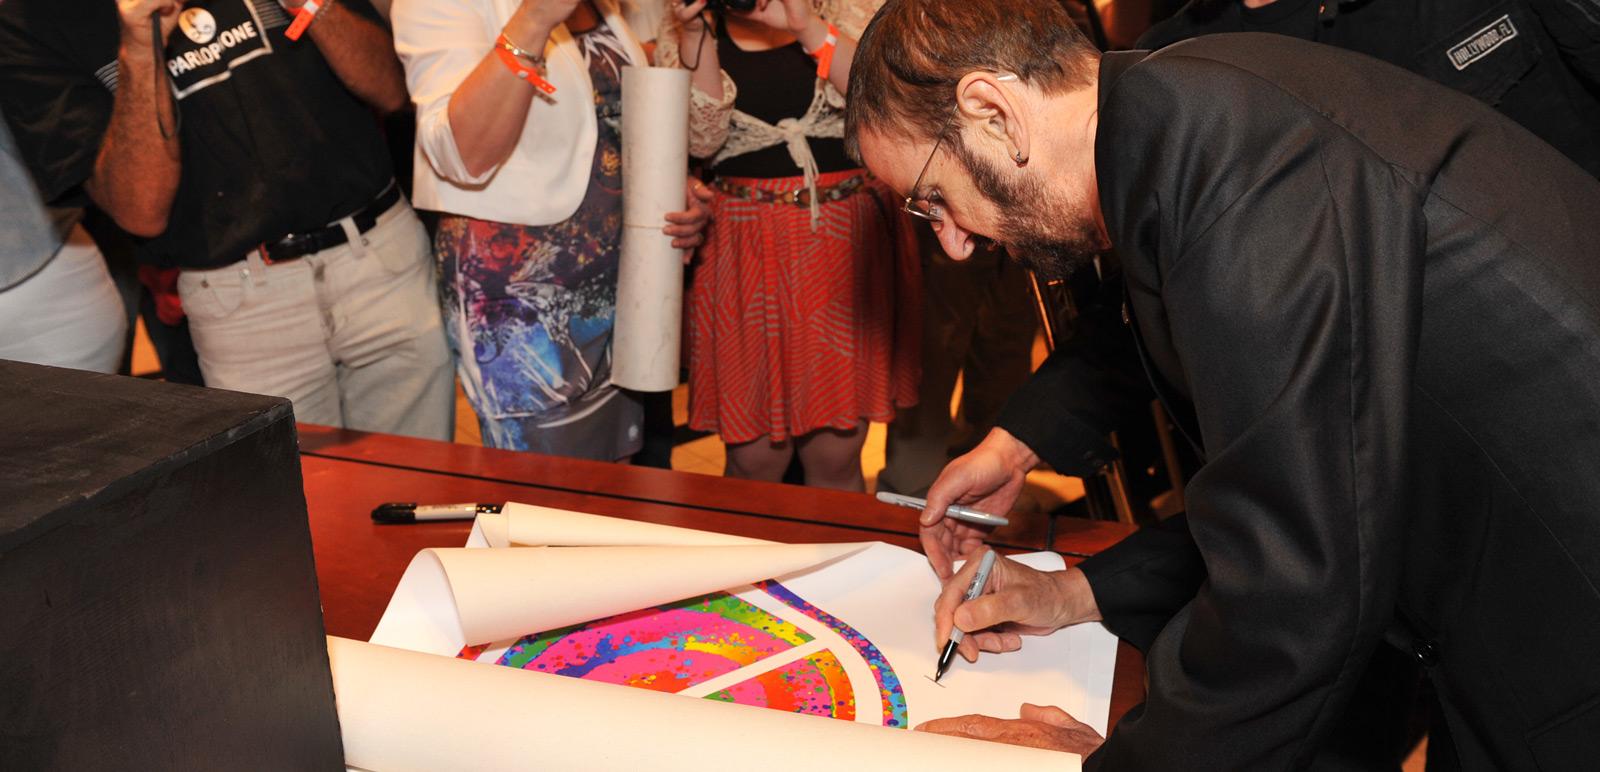 Ringo Starr singing his art